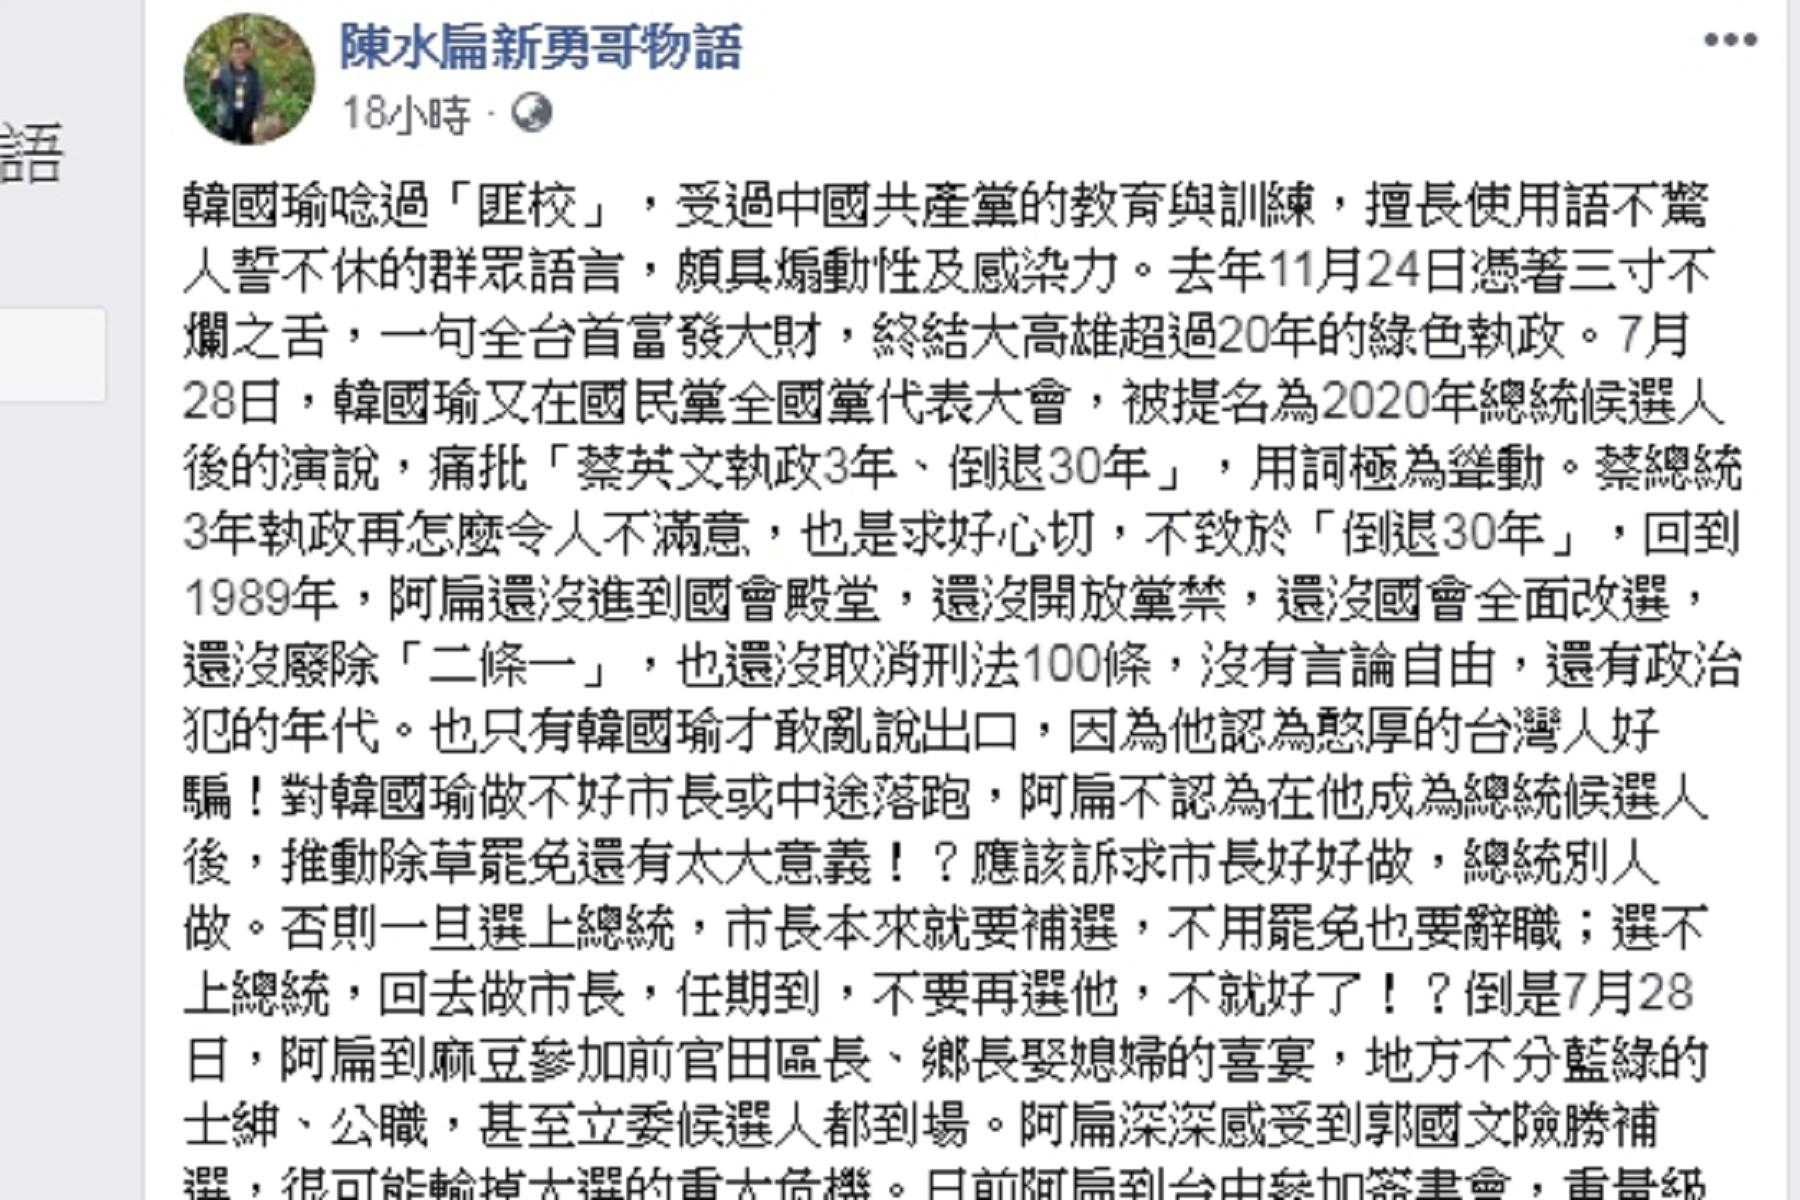 圖/翻攝自陳水扁新勇哥物語粉絲頁